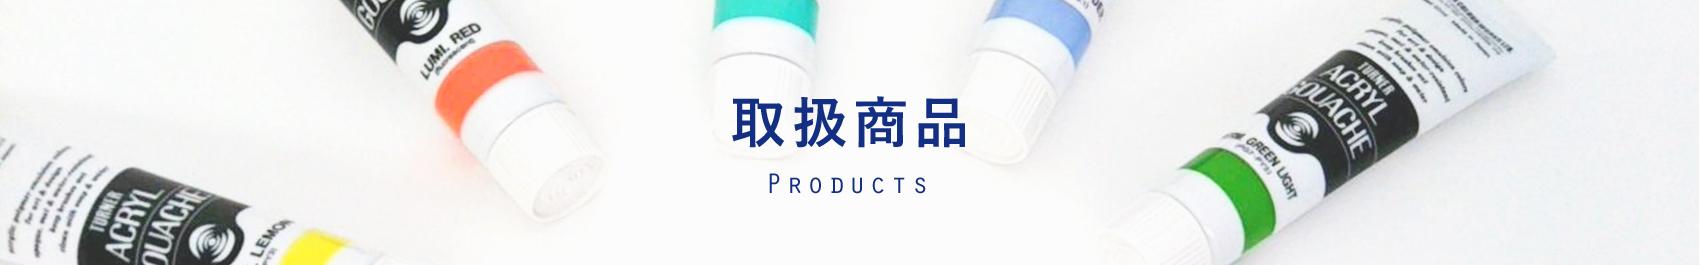 取扱商品Products